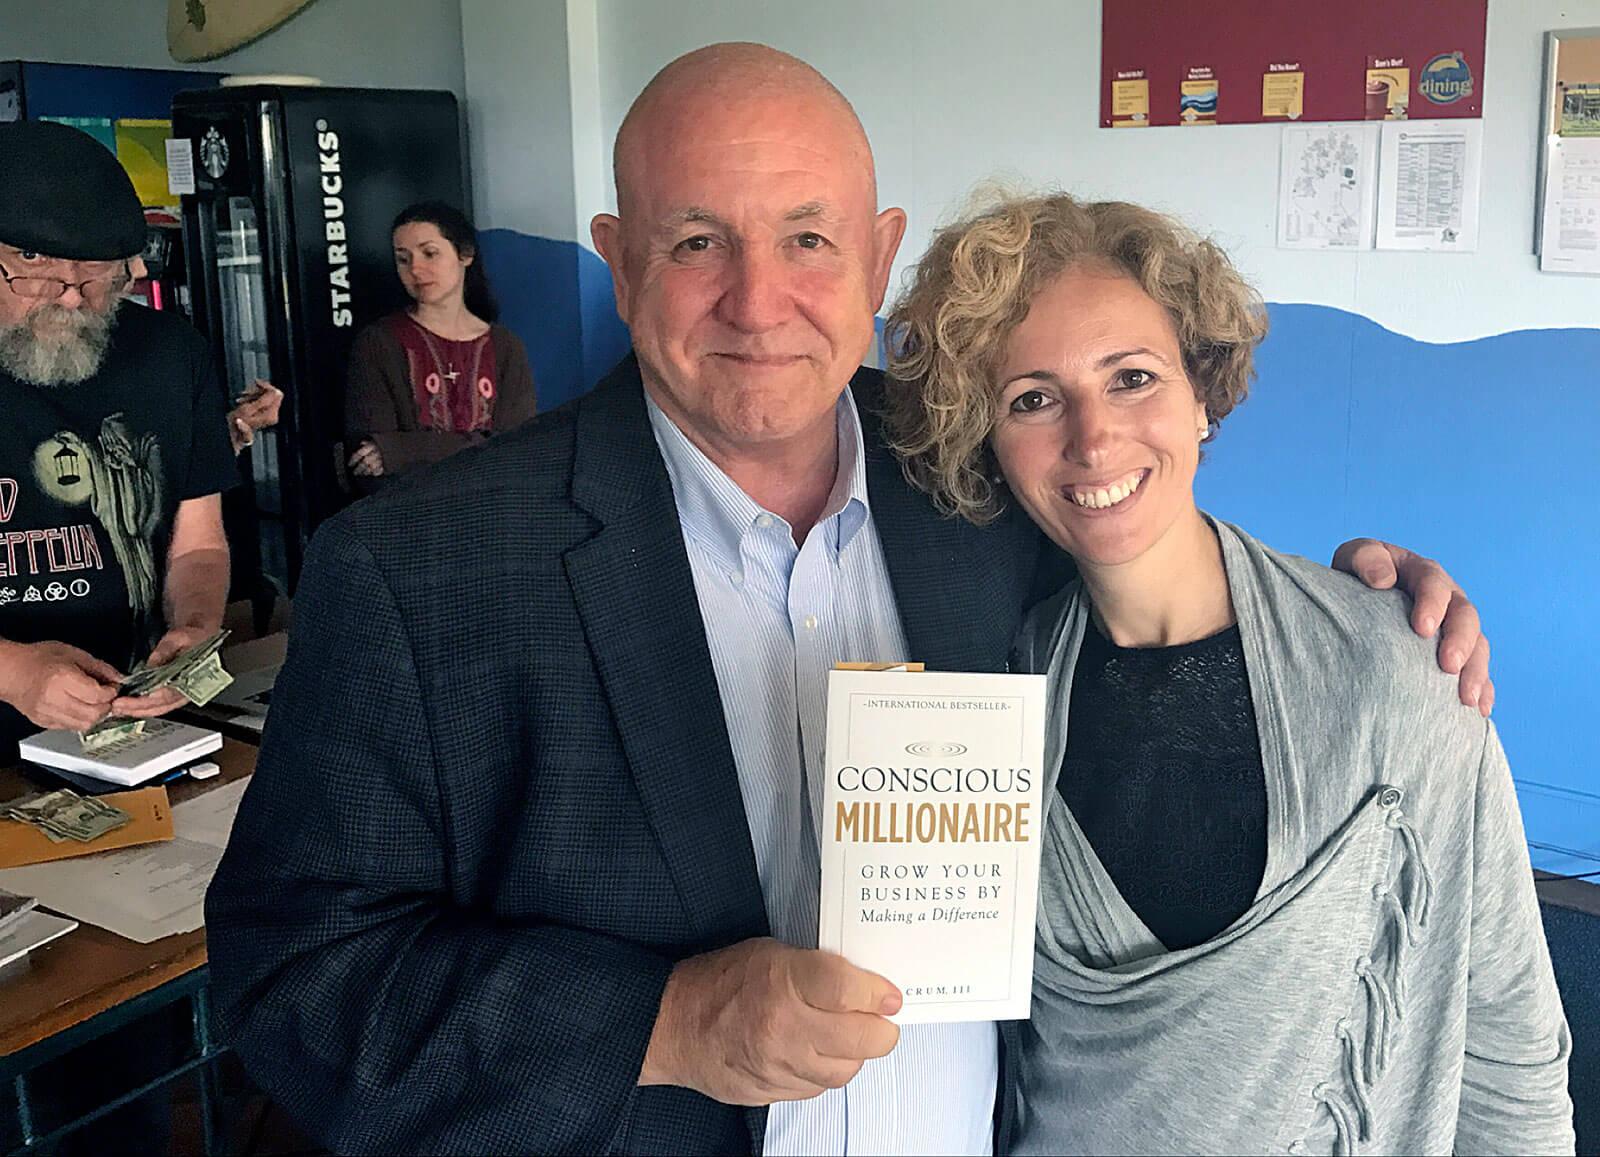 Rita Aleluia junto ao autor da livro Conscious Millionaire, uma base para líderes conscientes